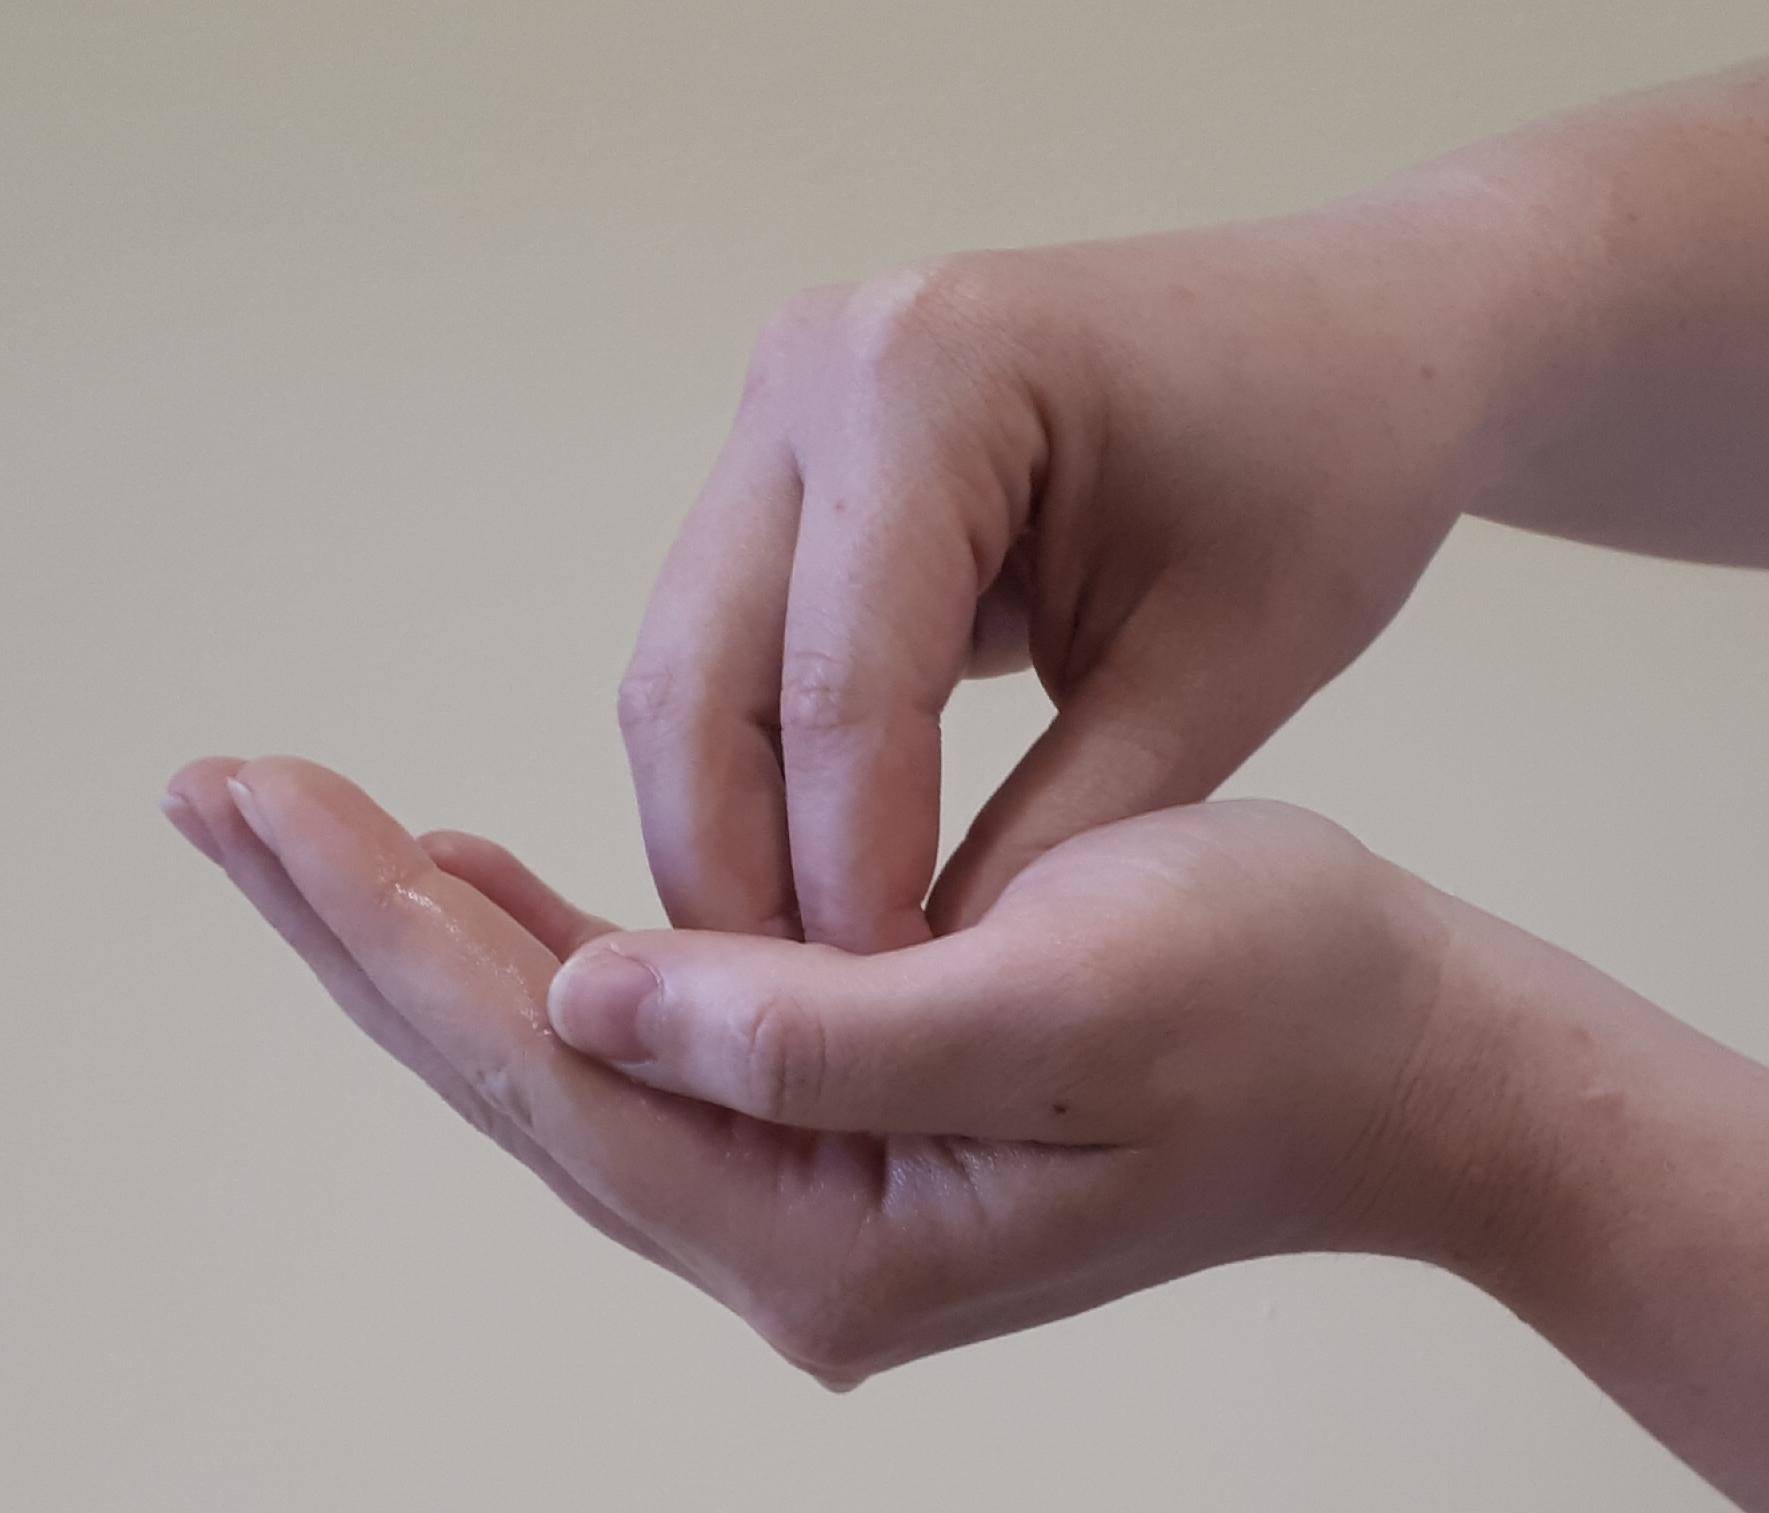 Speziell Fingerkuppen, Nagelfalz und Zwischenräume behandeln